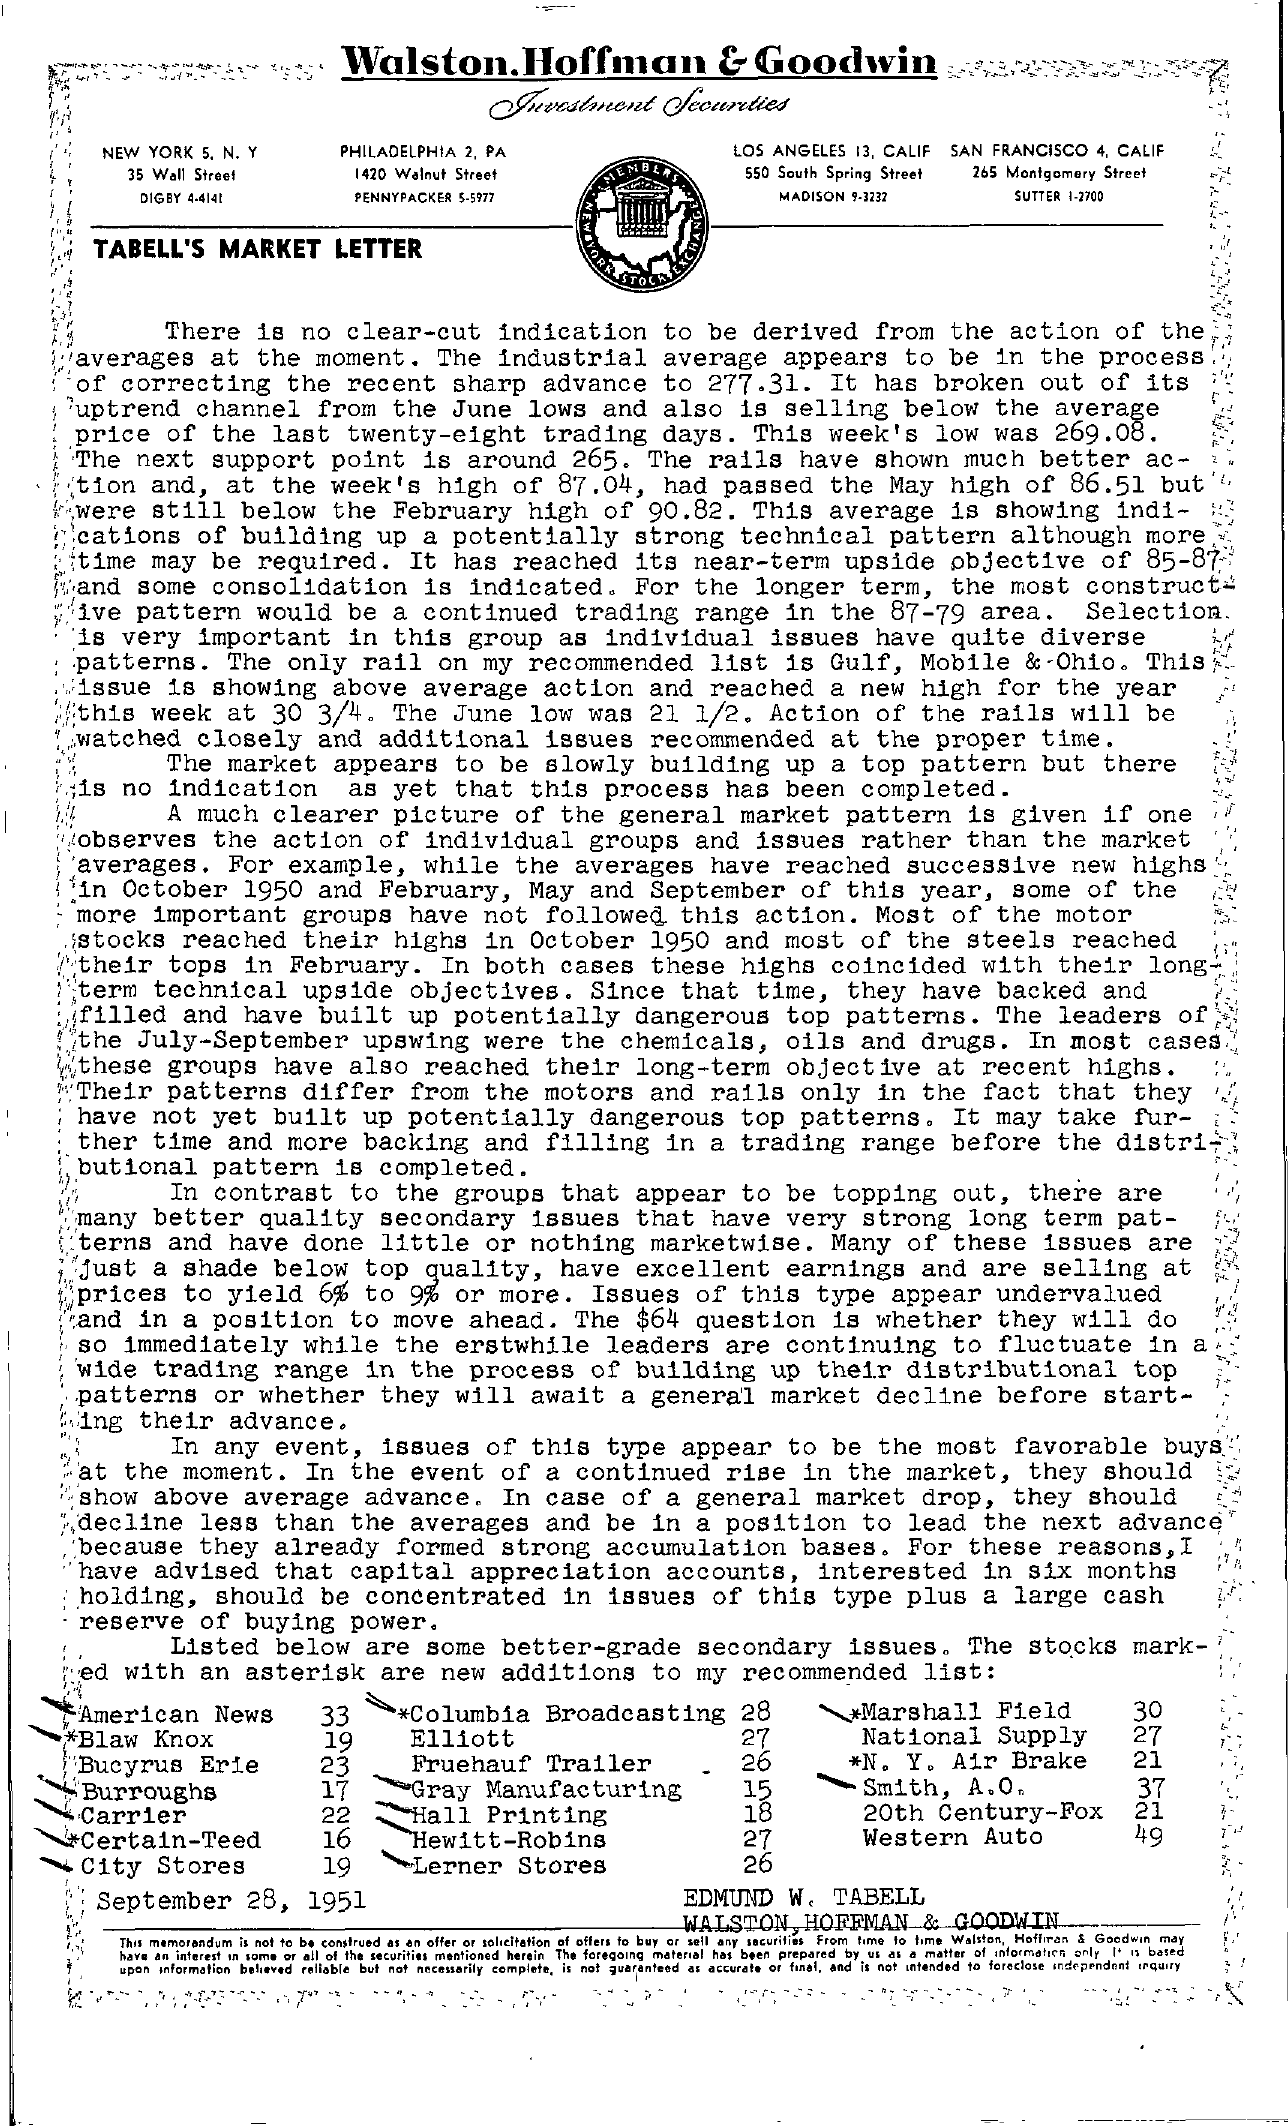 Tabell's Market Letter - September 28, 1951